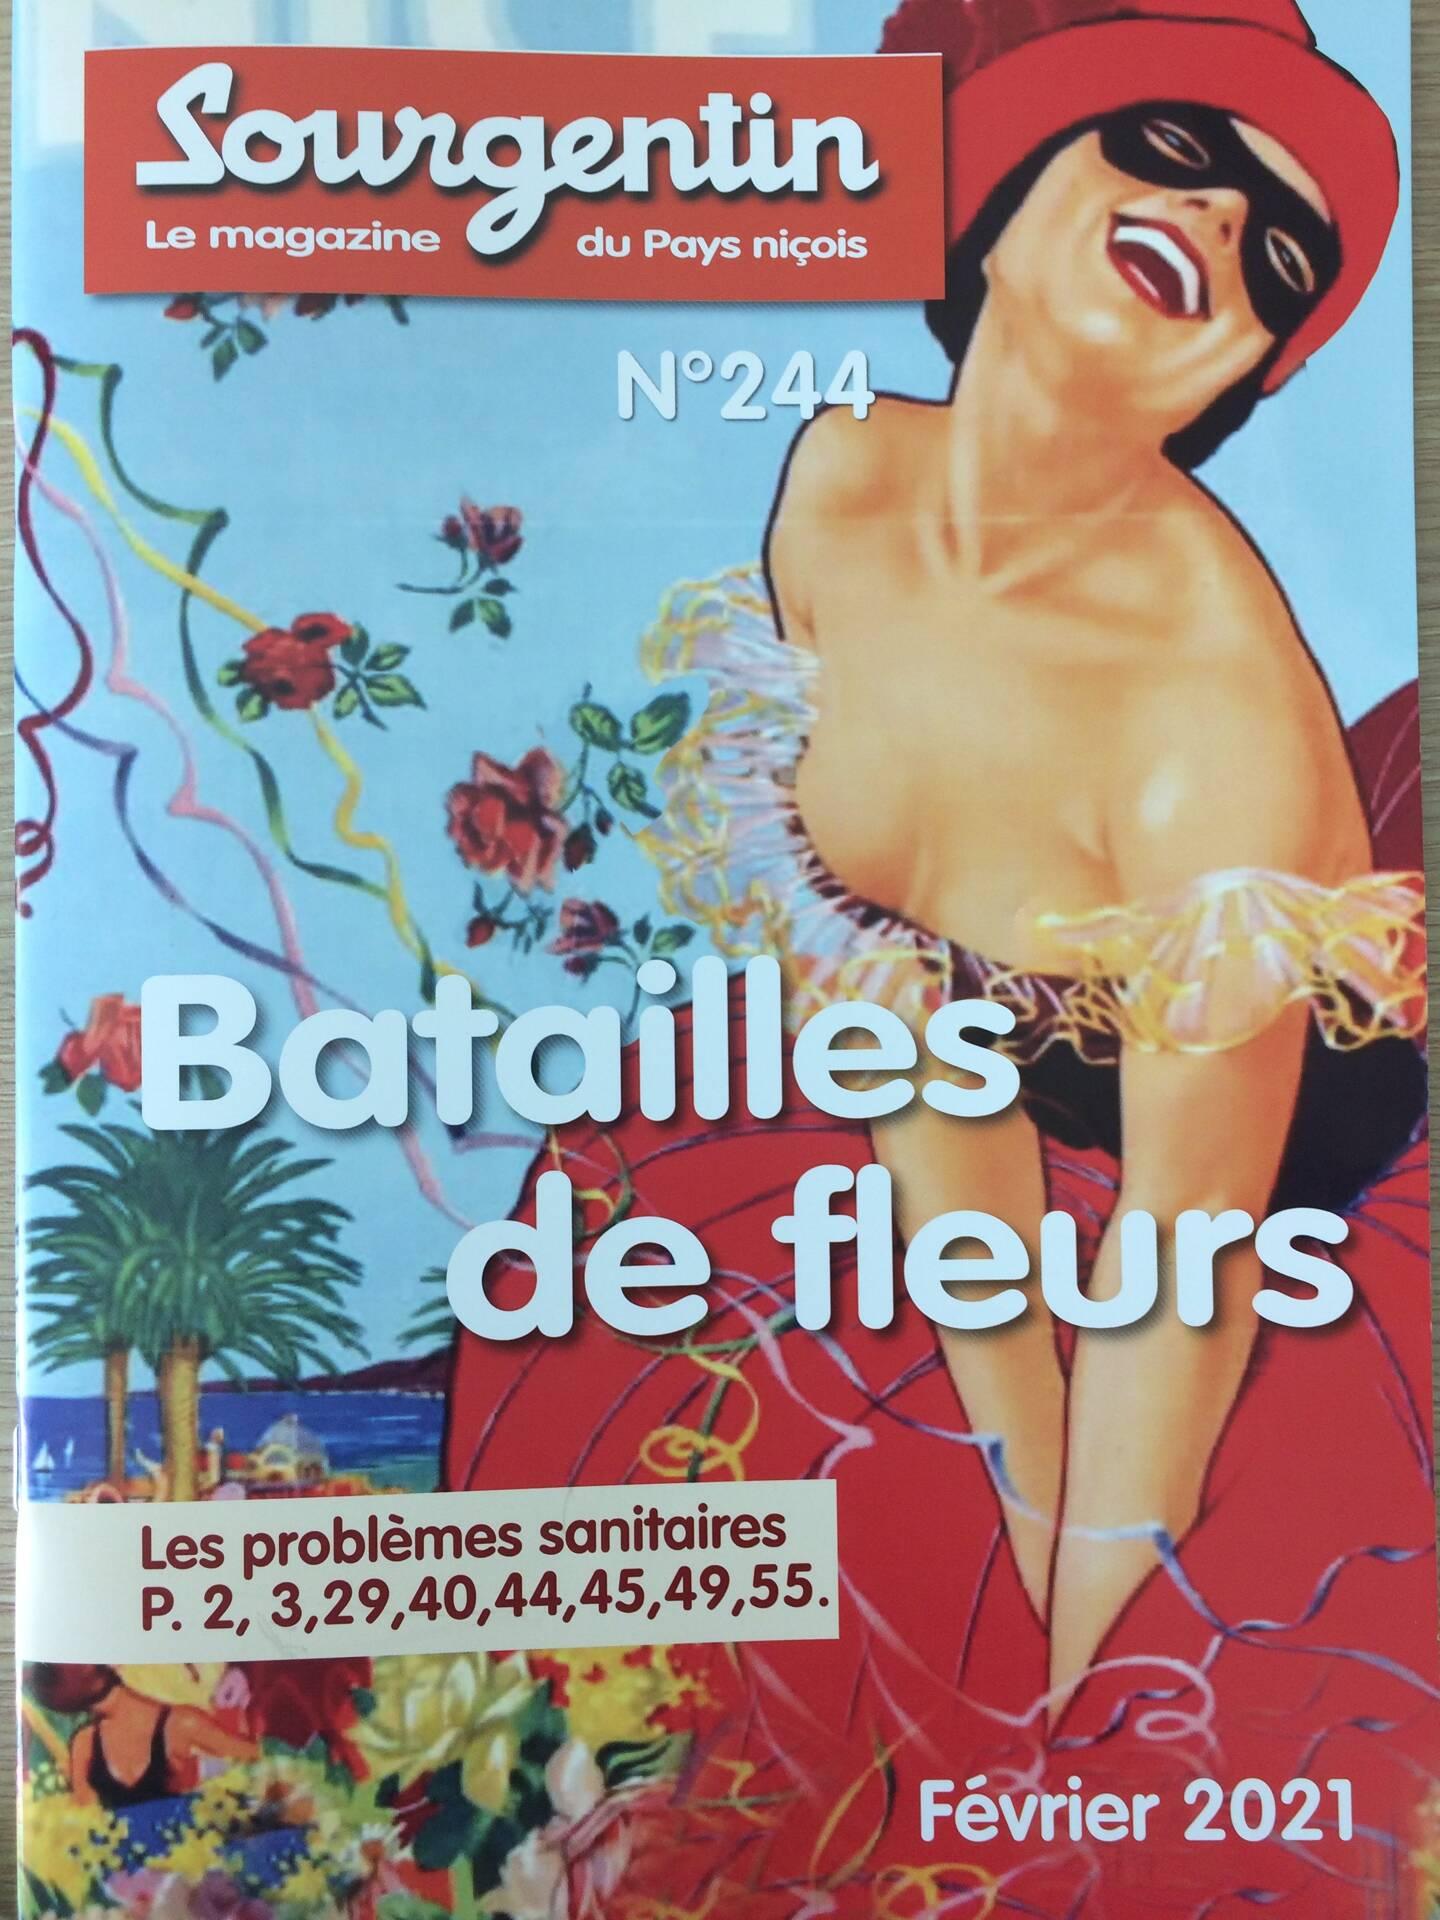 Le numéro consacré aux batailles de fleurs est actuellement en vente.